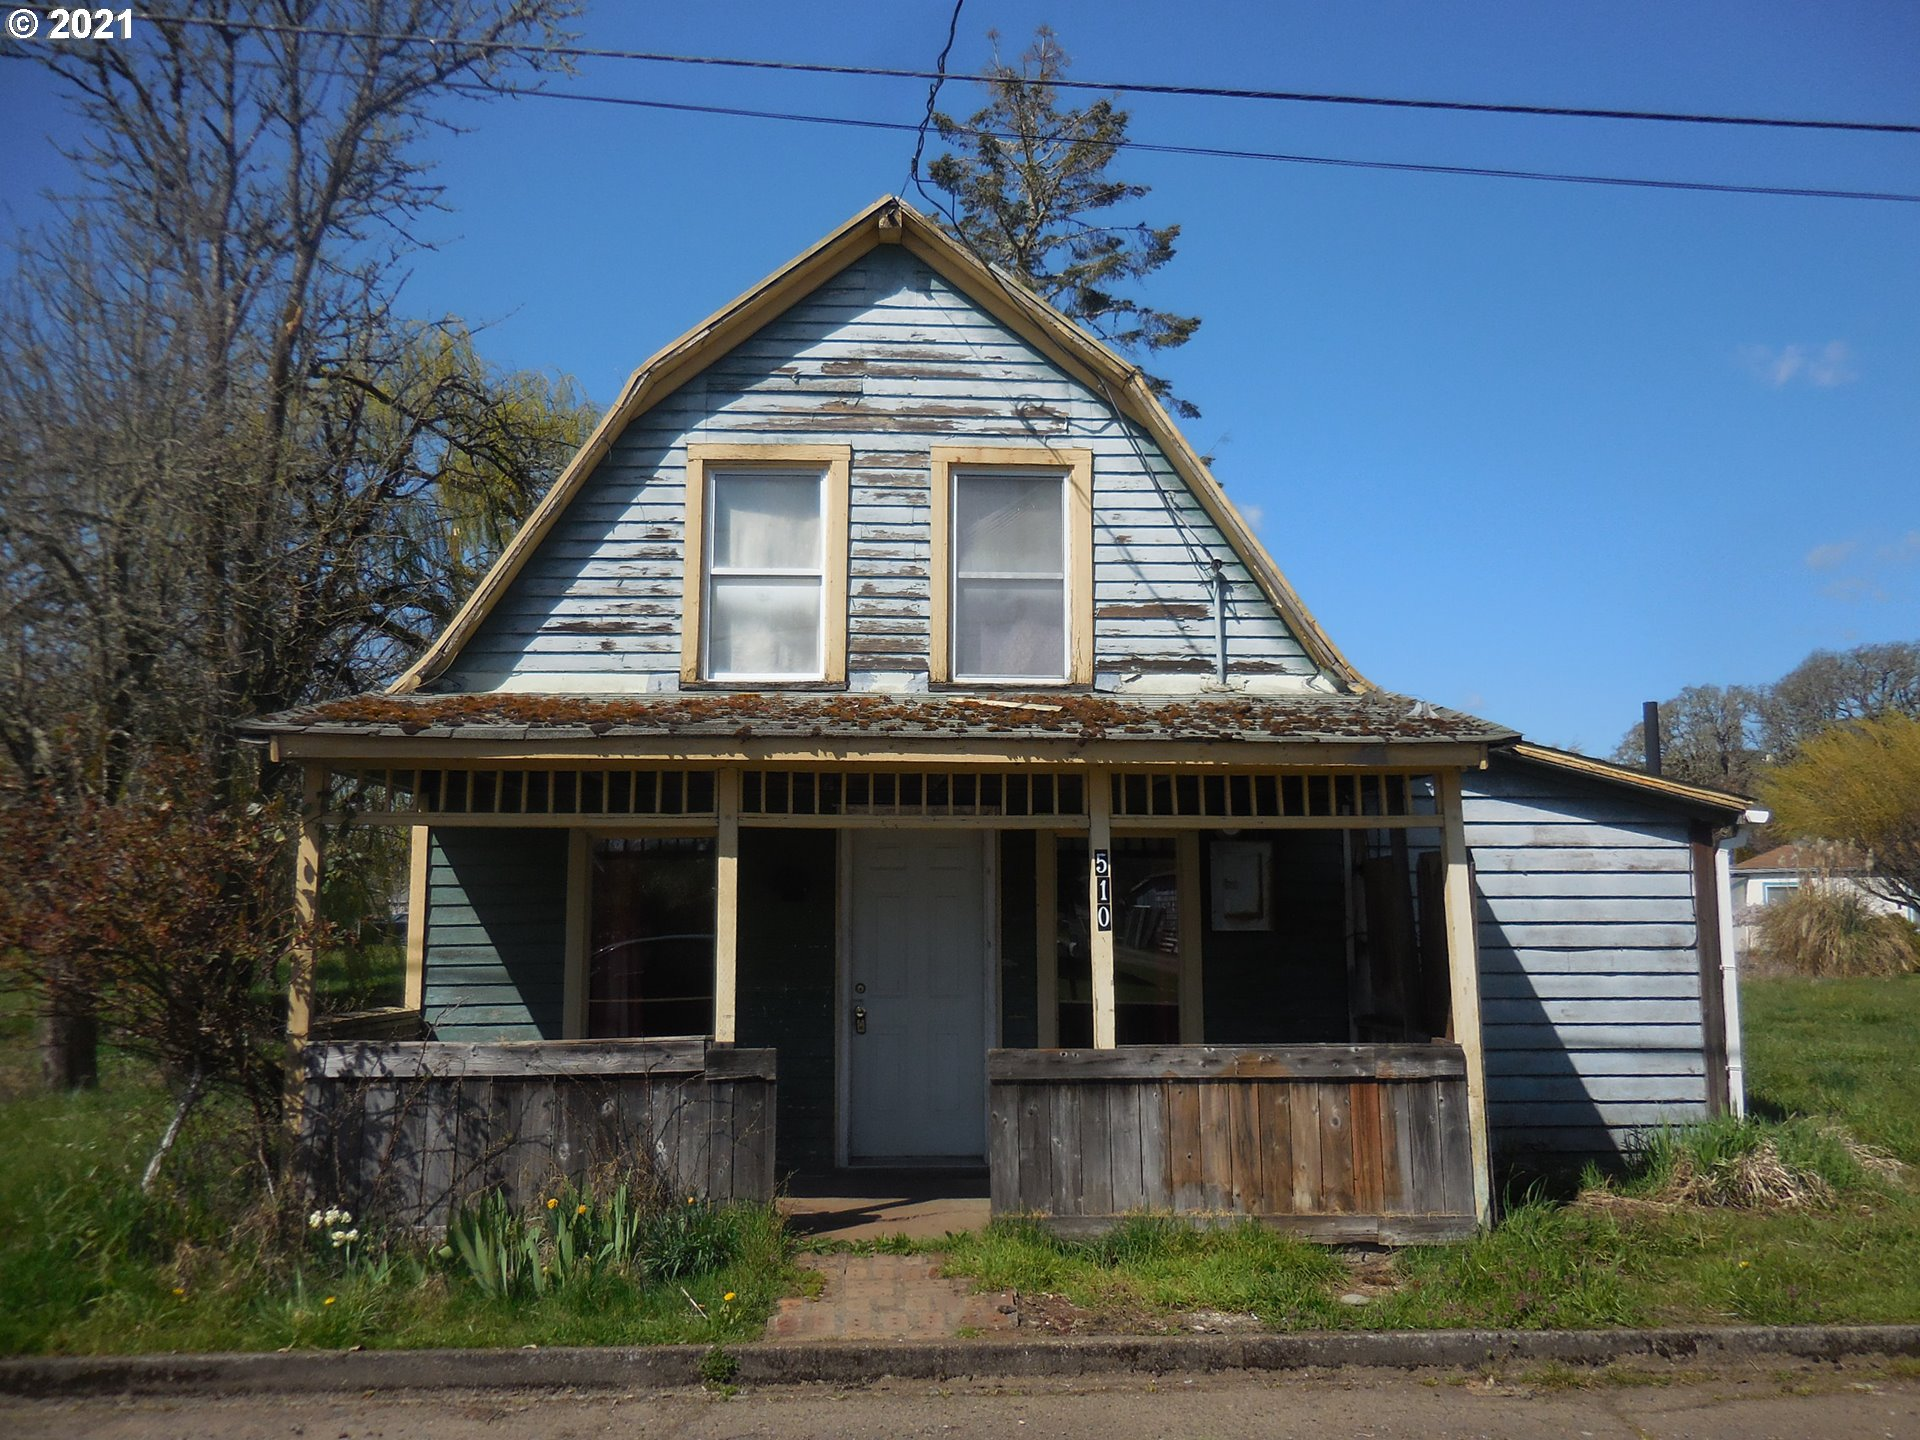 510 Ne Hill St, Sheridan OR 97378 - Photo 1